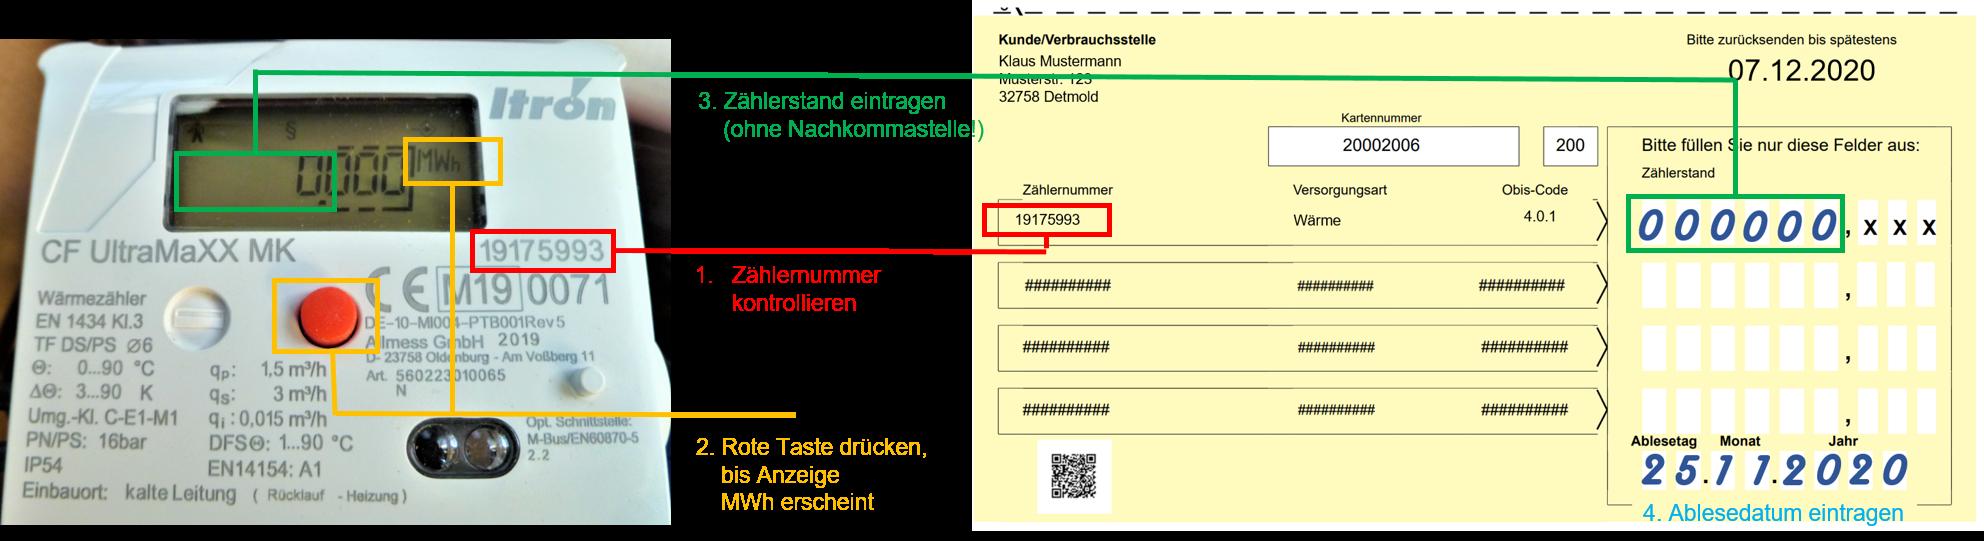 Stadtwerke Detmold Zahlerablesung Fur Die Jahresverbrauchsabrechnung 2020